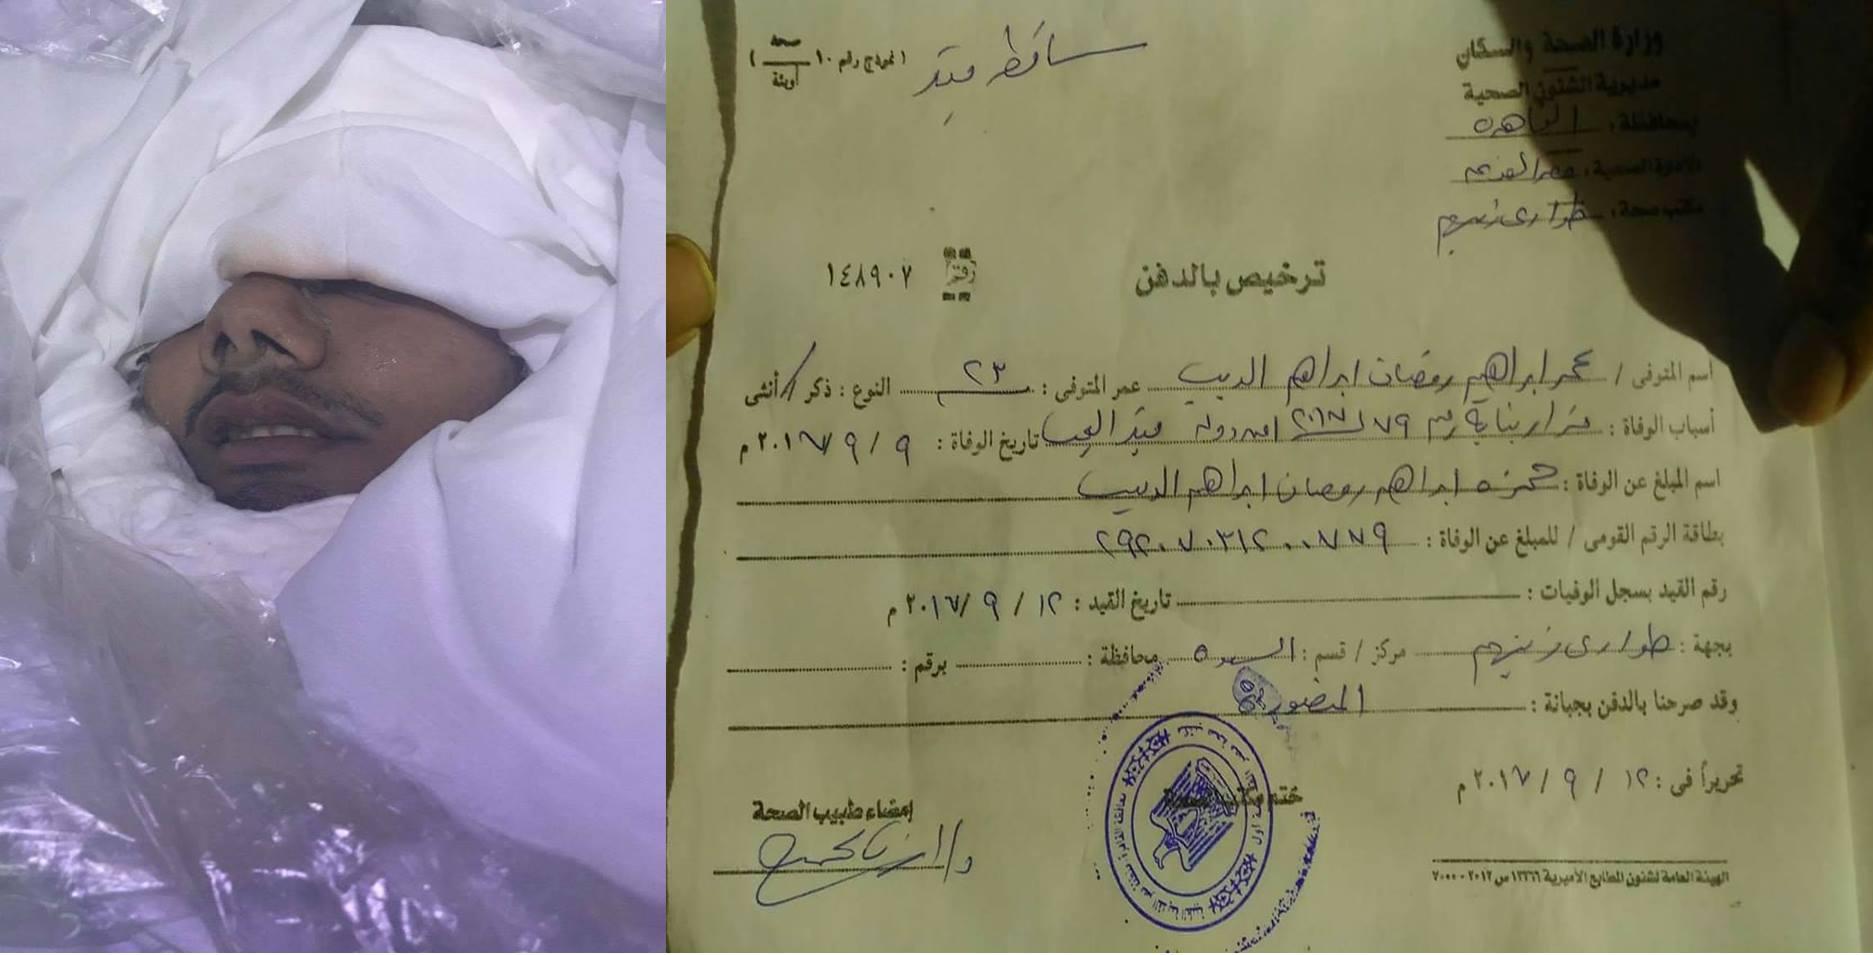 شهادة وفاة الشهيد عمر الديب